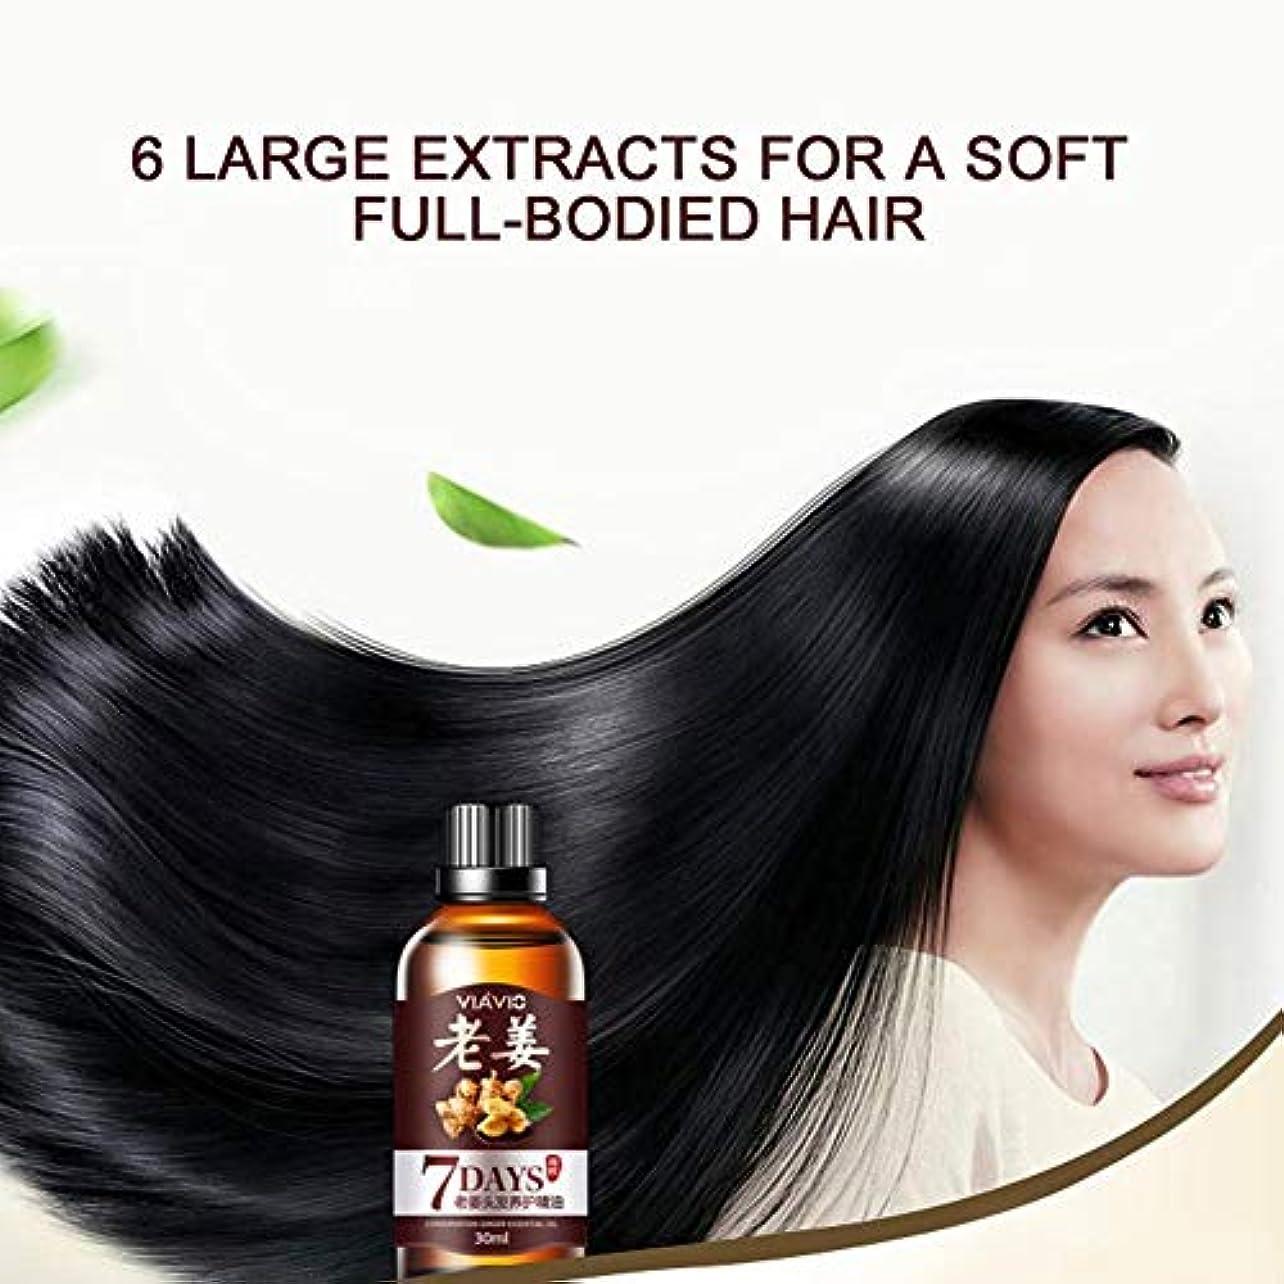 台無しにプーノライムBETTER YOU (ベター ュー) 育毛剤 抜け毛防止する 髪の量と密度を増やす